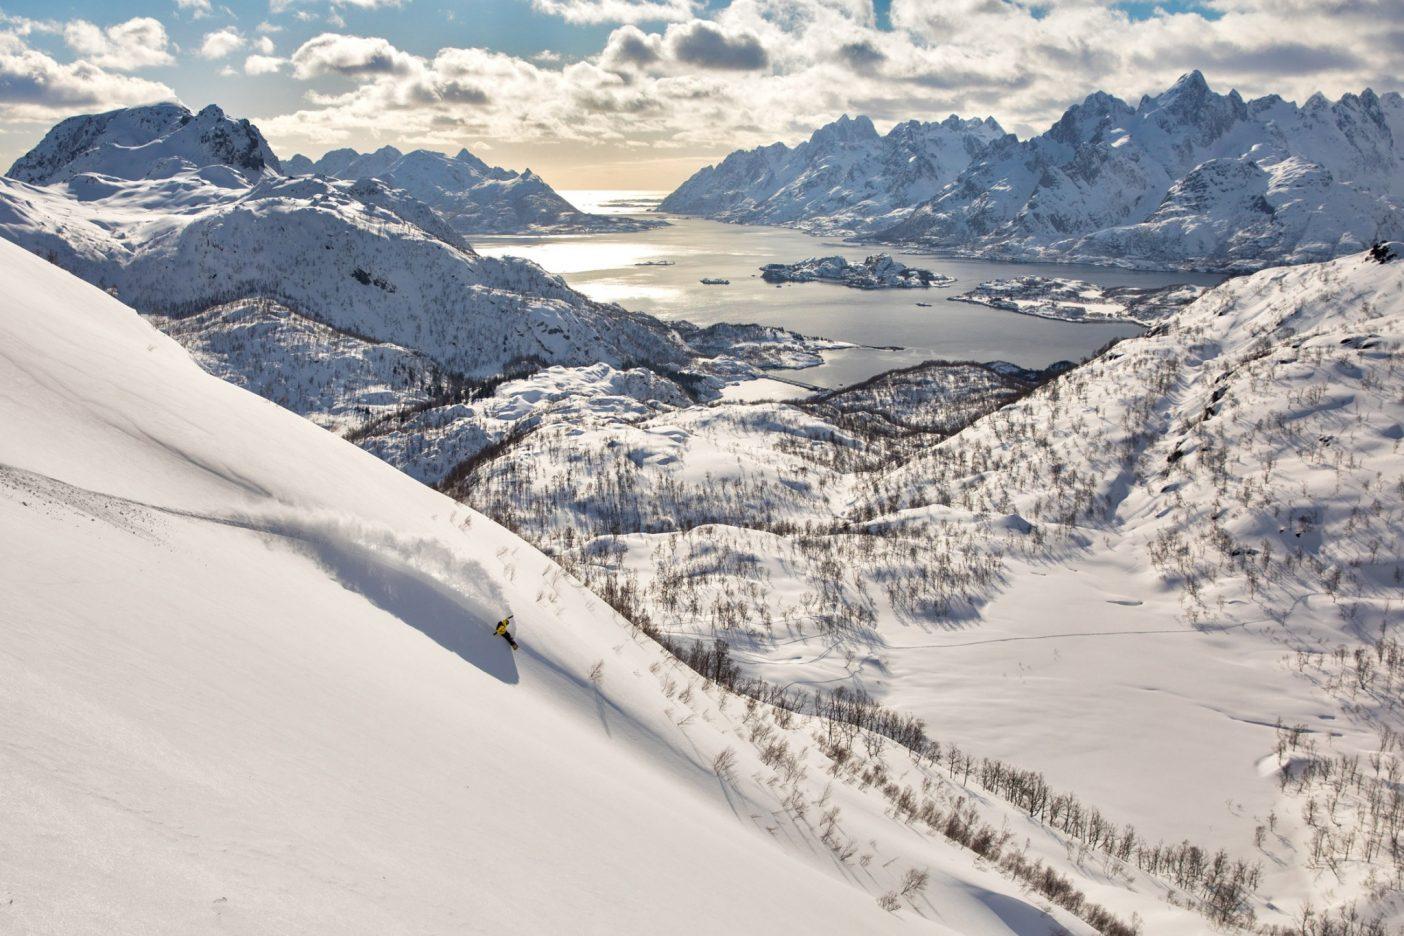 2018年の旅でノルウェー北部の遠近感を感じ取る。Photo:Andrew Miller